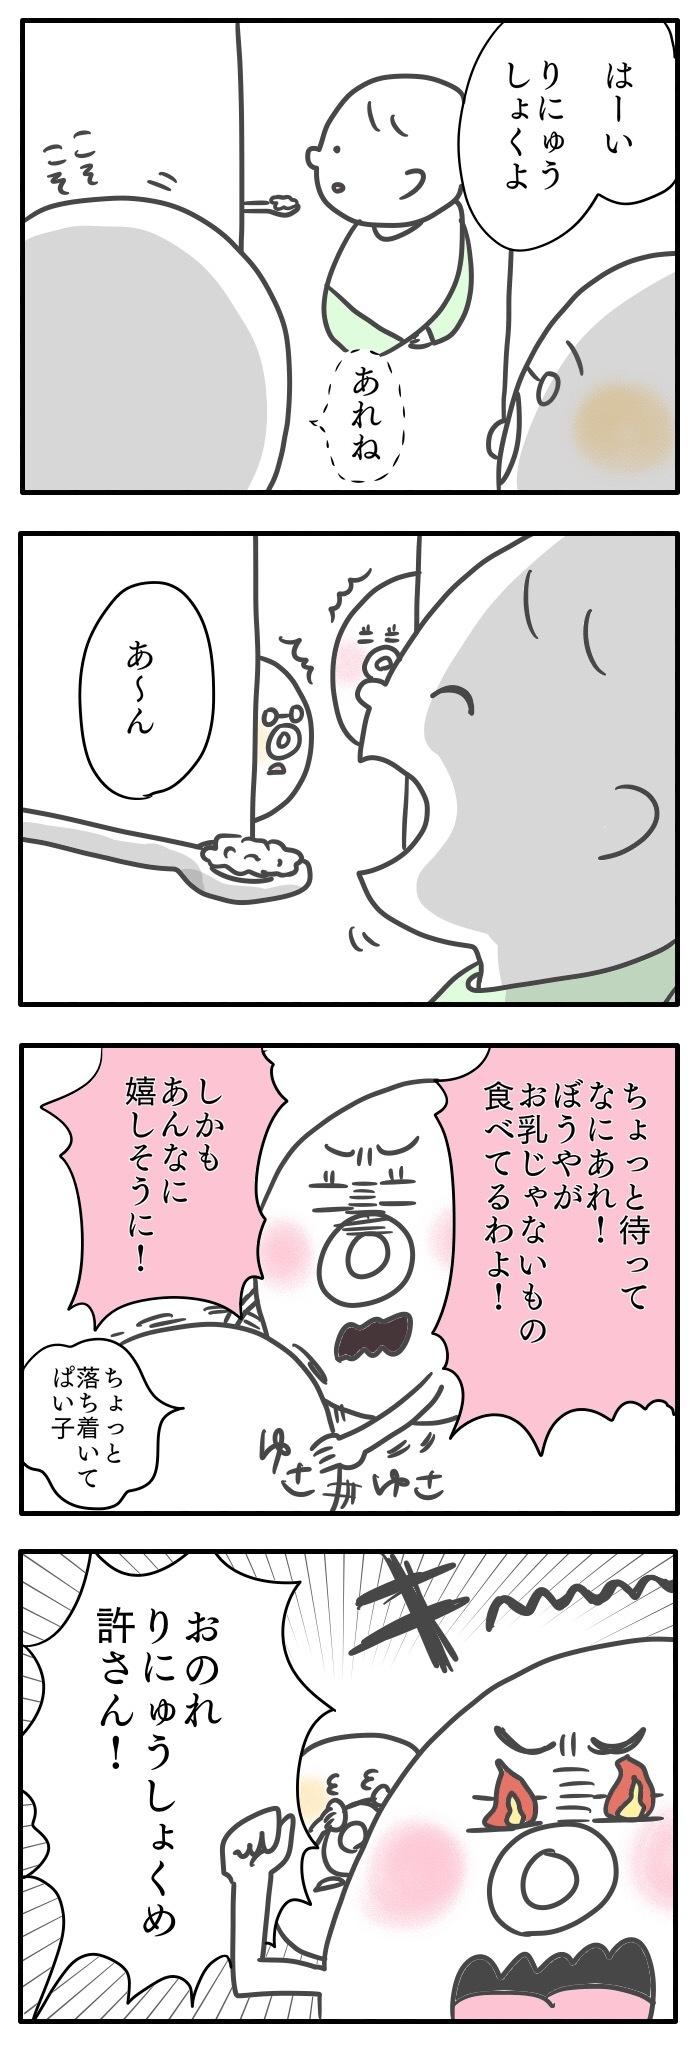 ぼうやが「りにゅうしょく」を食べた日/おっぱいとぼく2【11話】の画像5